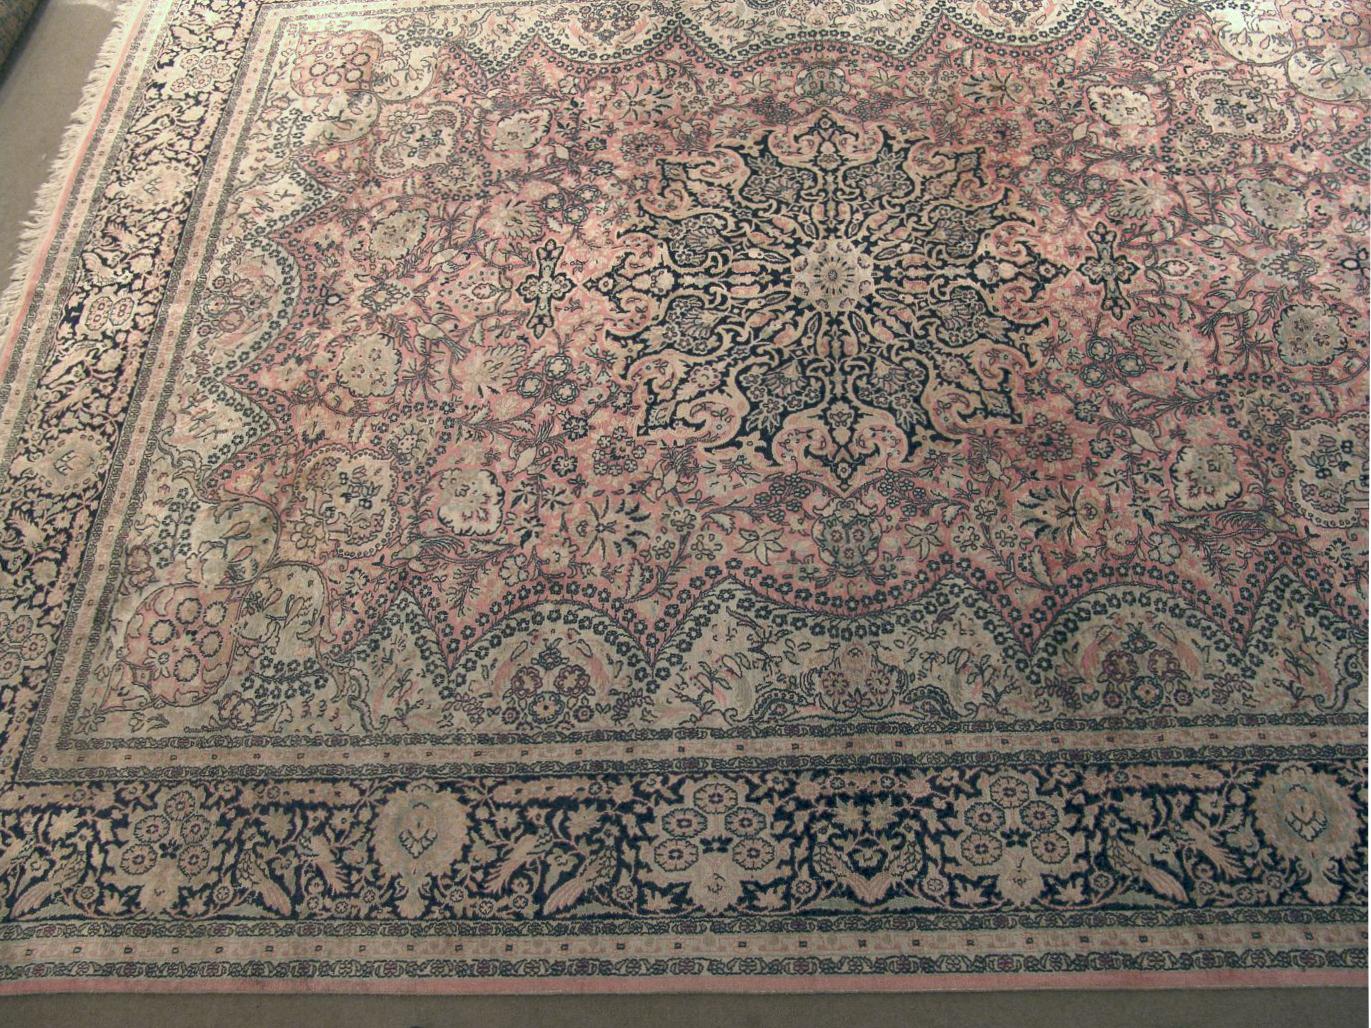 Bgw remate 230 alfombra gek htm gendata for Alfombras motivos geometricos